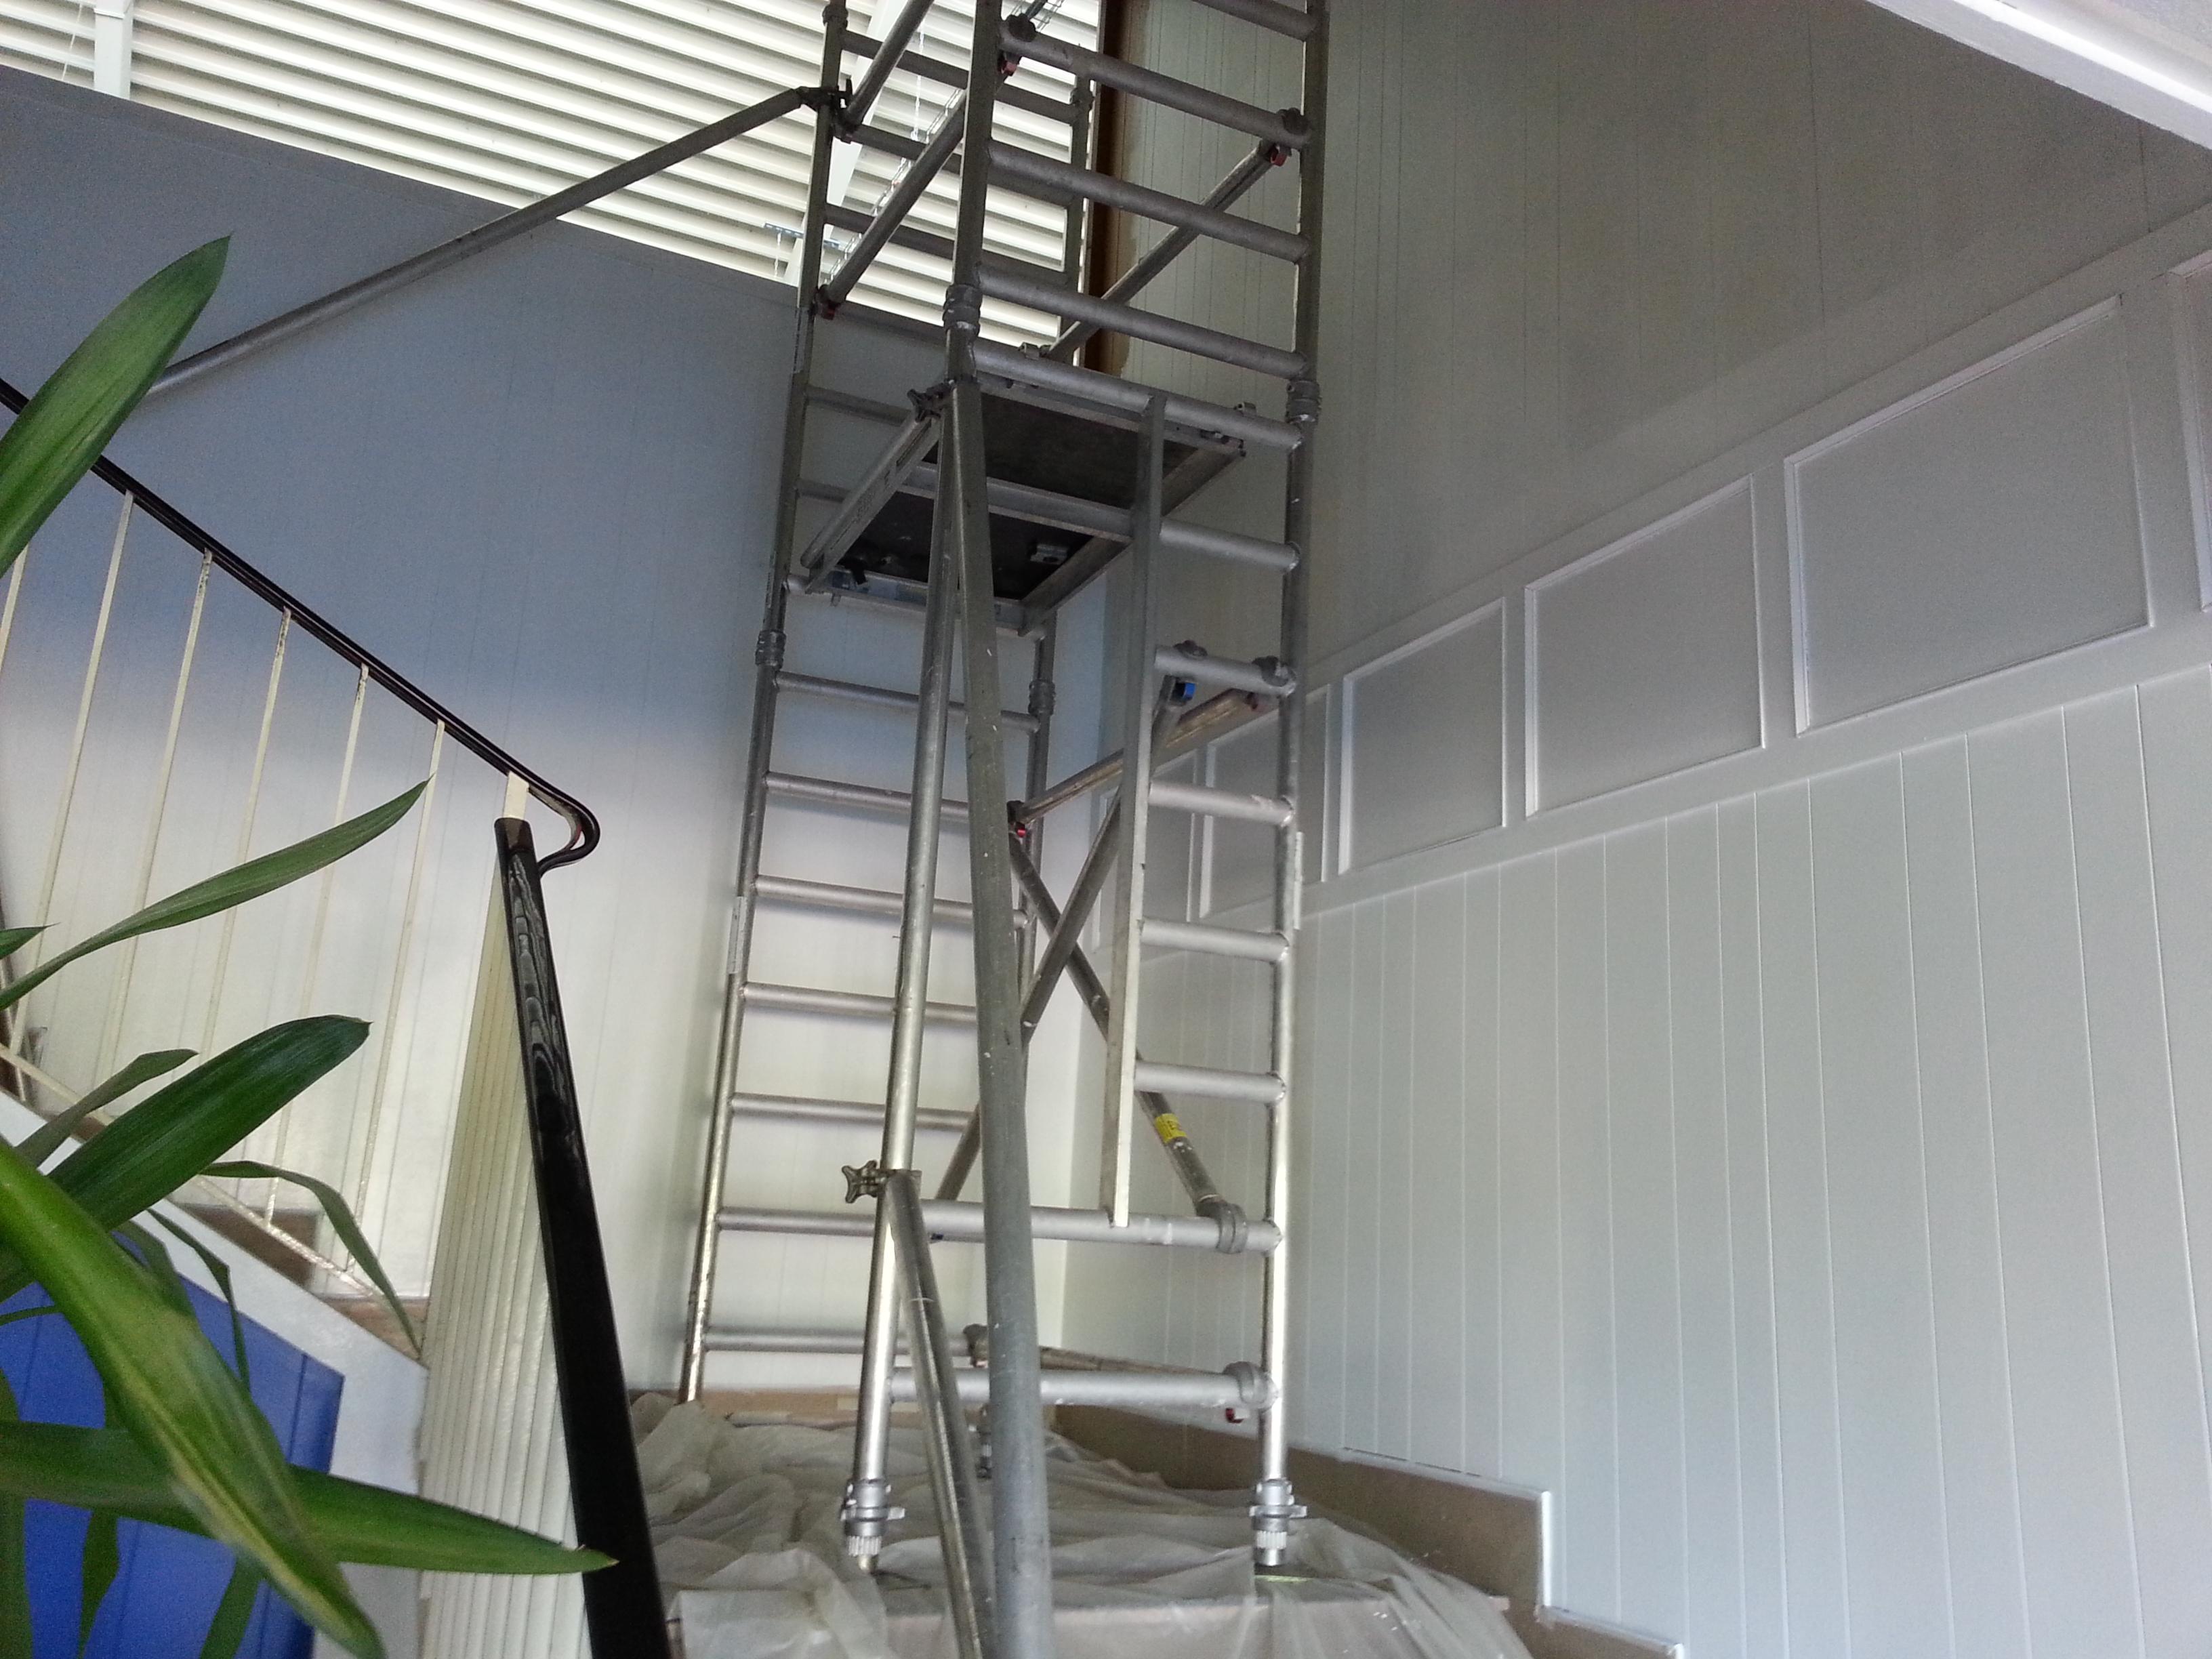 Travaux de peinture dans un hall d entr e d une grande for Peinture sur escalier